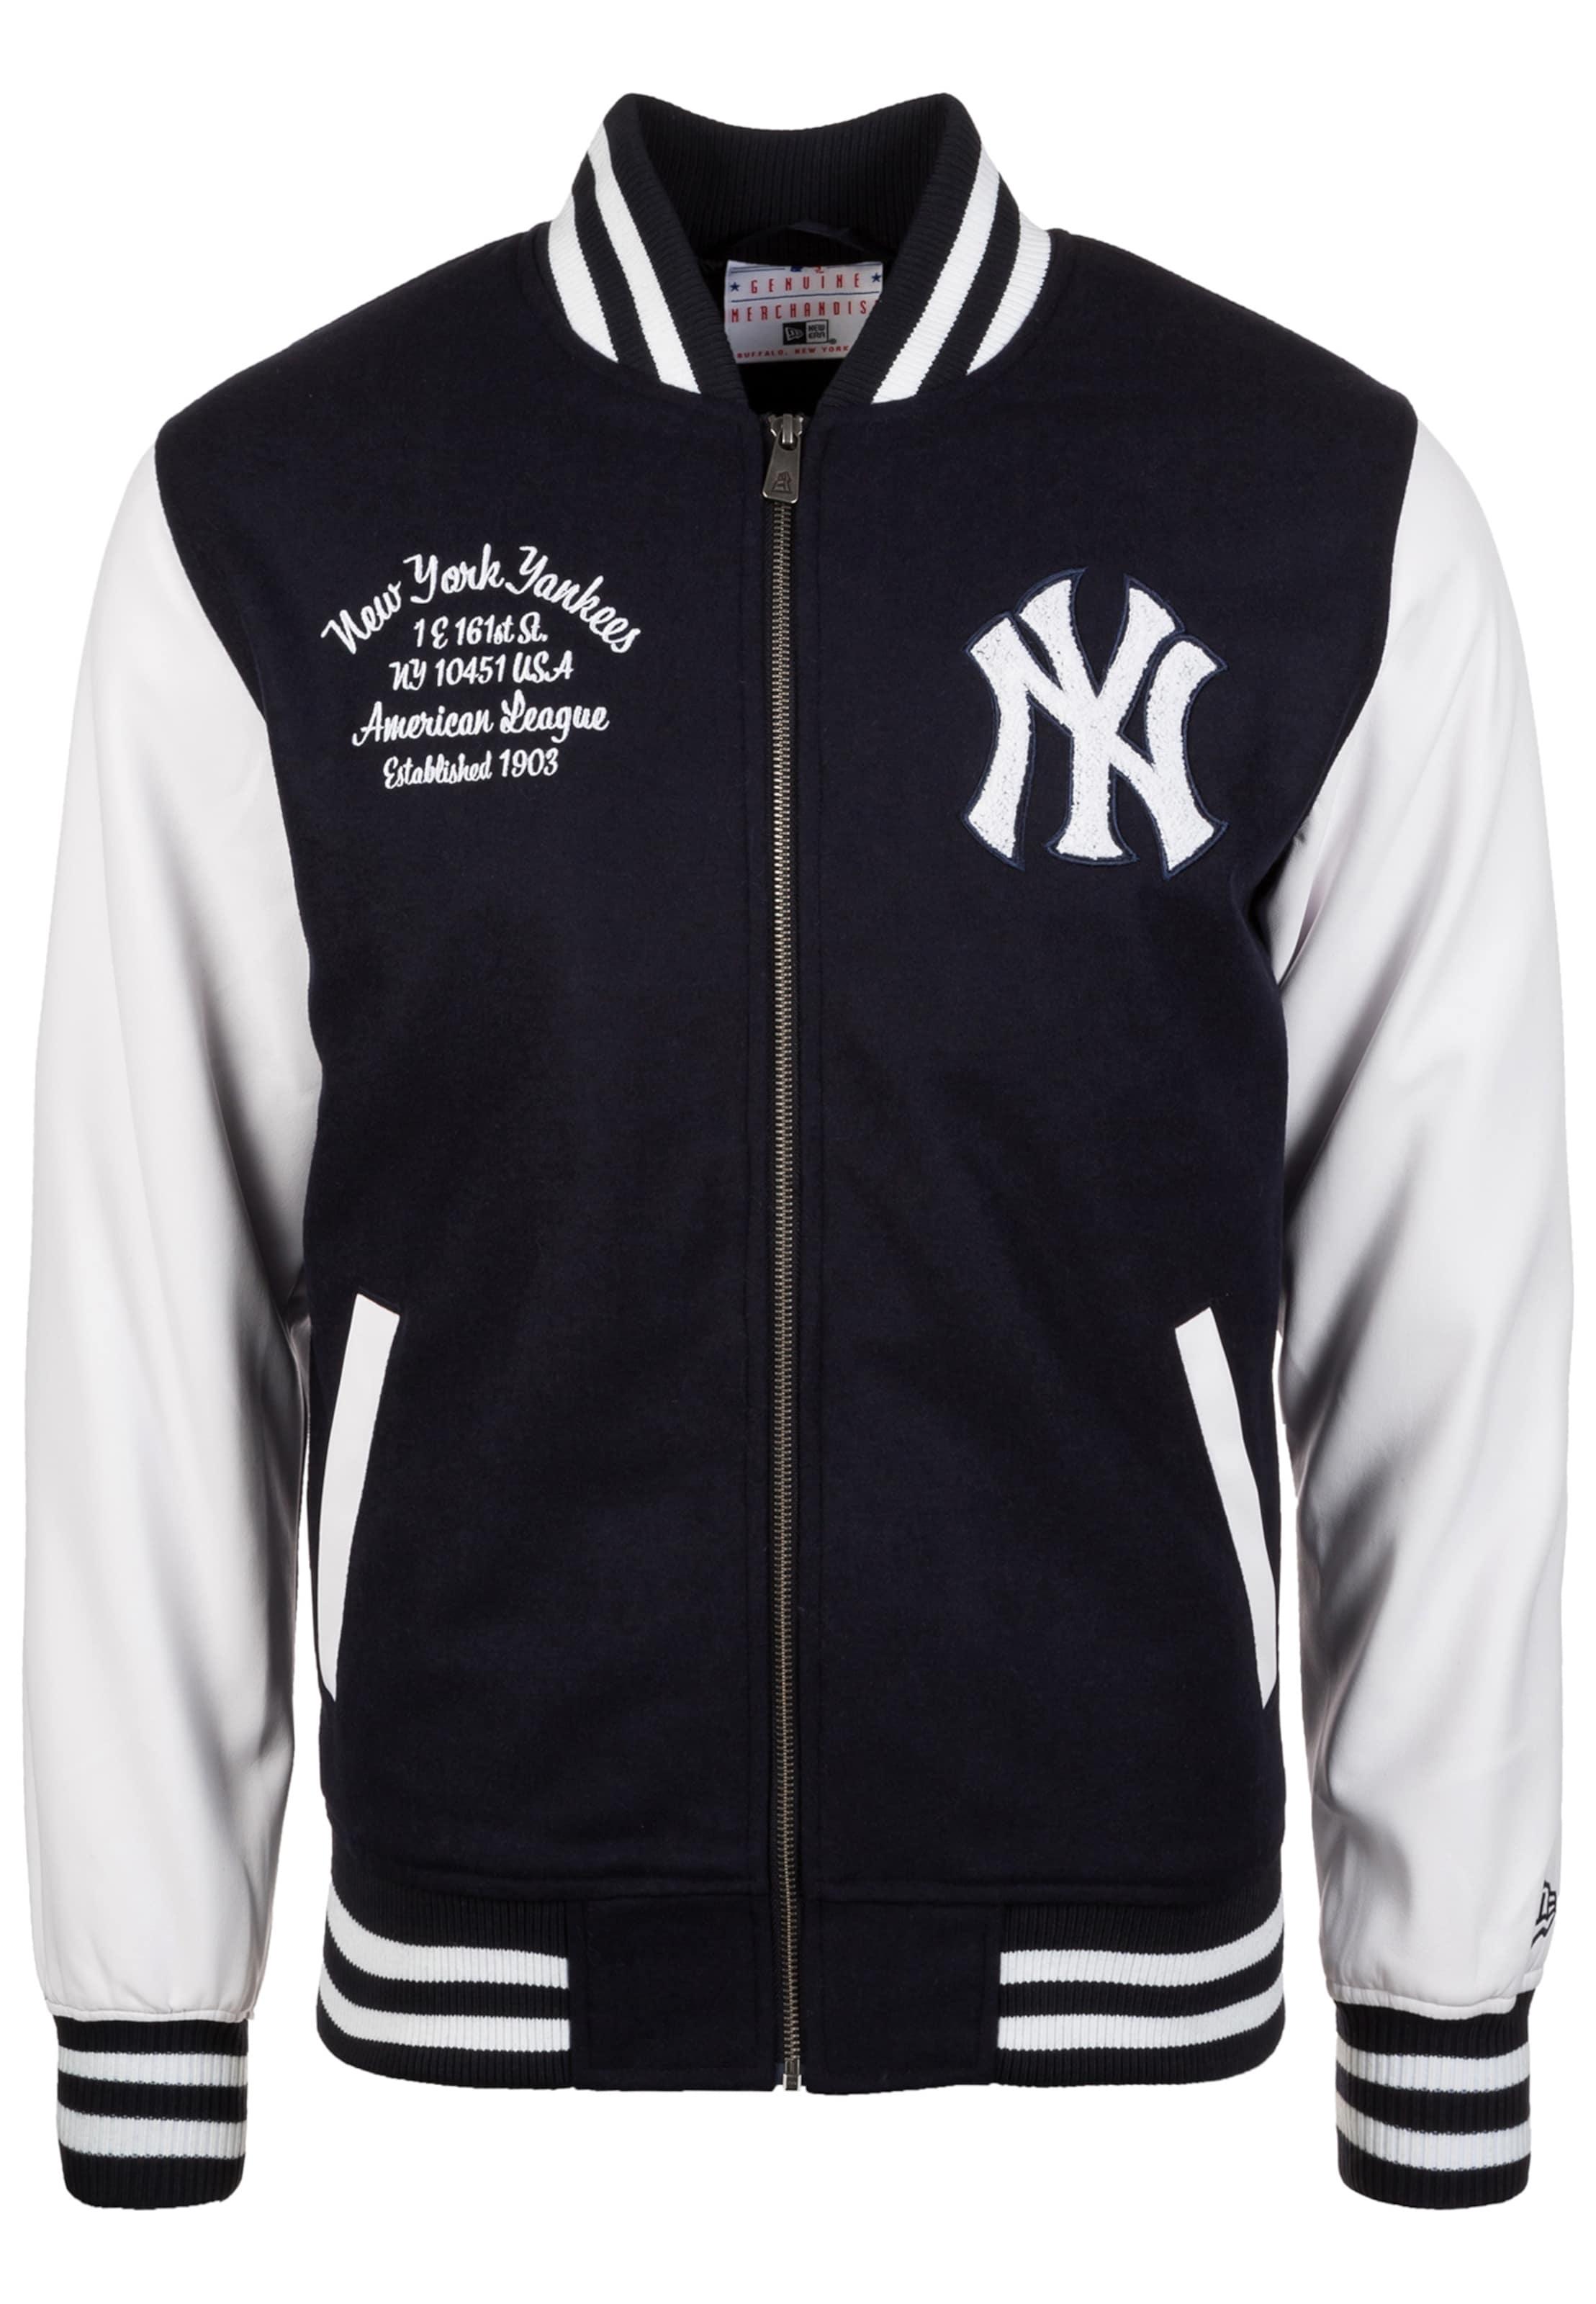 Era MarineBlanc Yankees' Varsity En 'mlb York Veste New saison Mi pzqUSVM